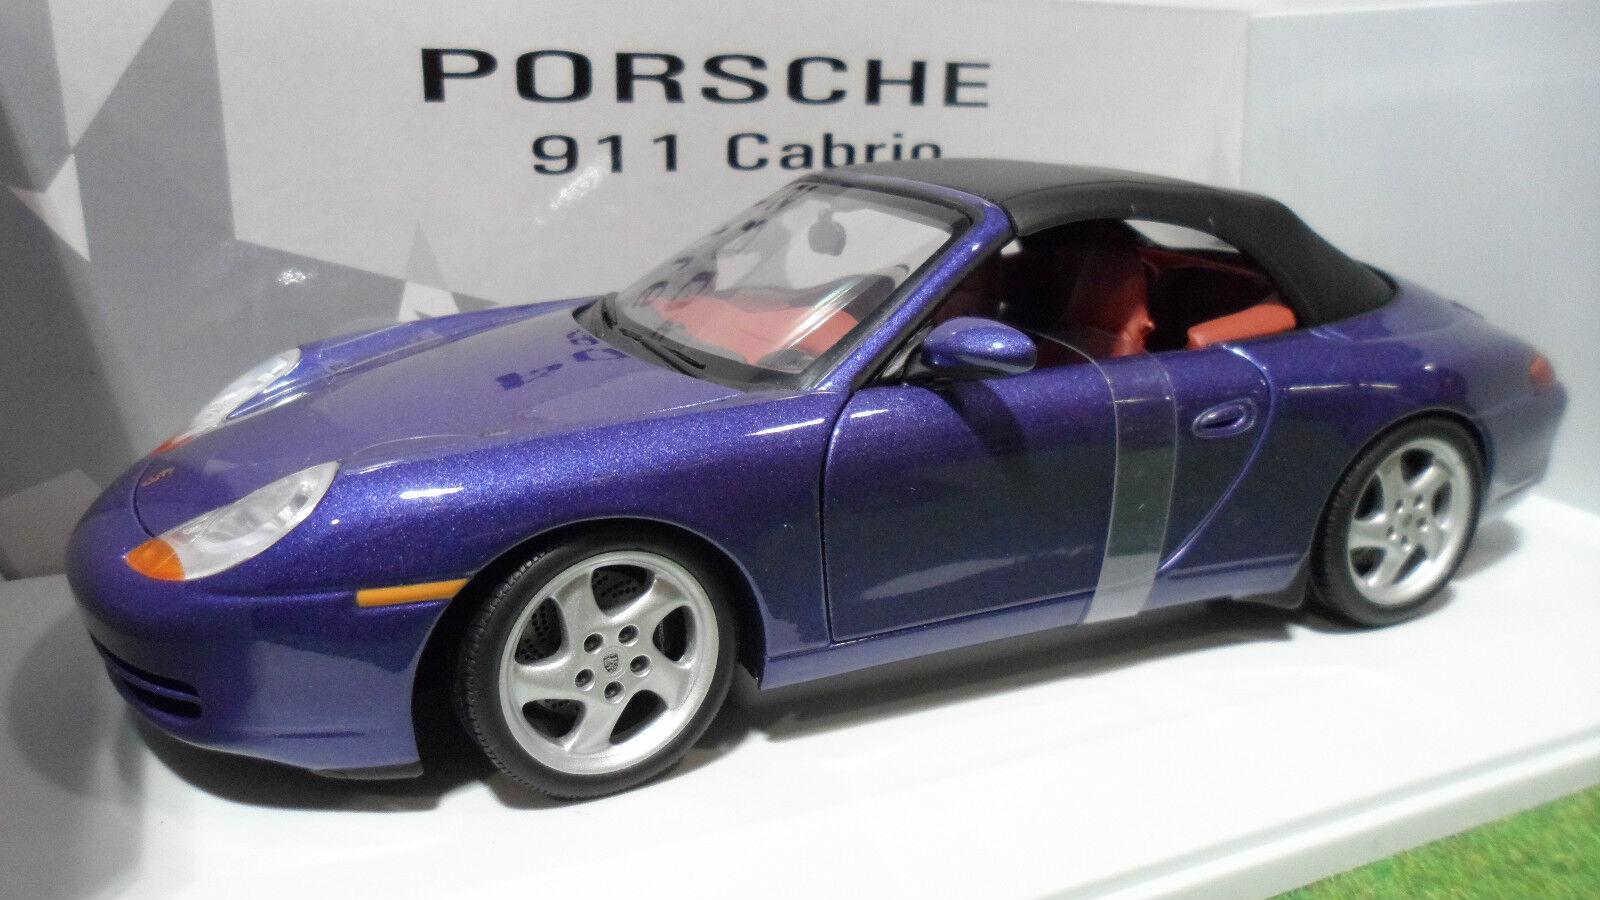 PORSCHE 911 CABRIOLET SOFT TOP 996 VIOLET 1/18 UT Models 27909 voiture miniature